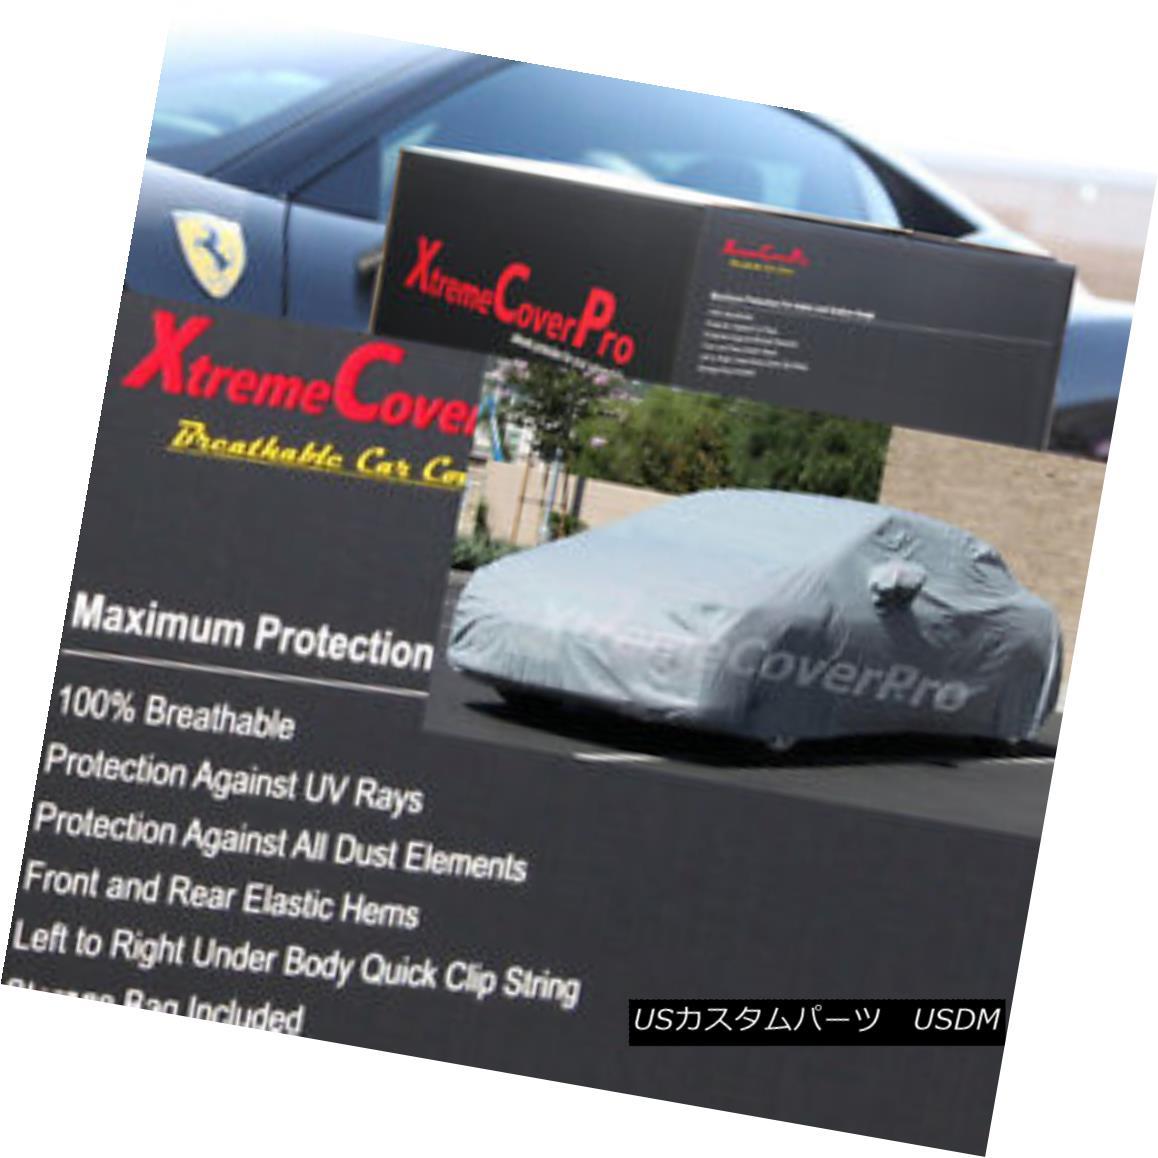 カーカバー 2007 2008 2009 Toyota Yaris Liftback 5-door Breathable Car Cover w/MirrorPocket 2007年2008年トヨタヤリスリフトバック5ドア通気性車カバー付きMirrorPocket